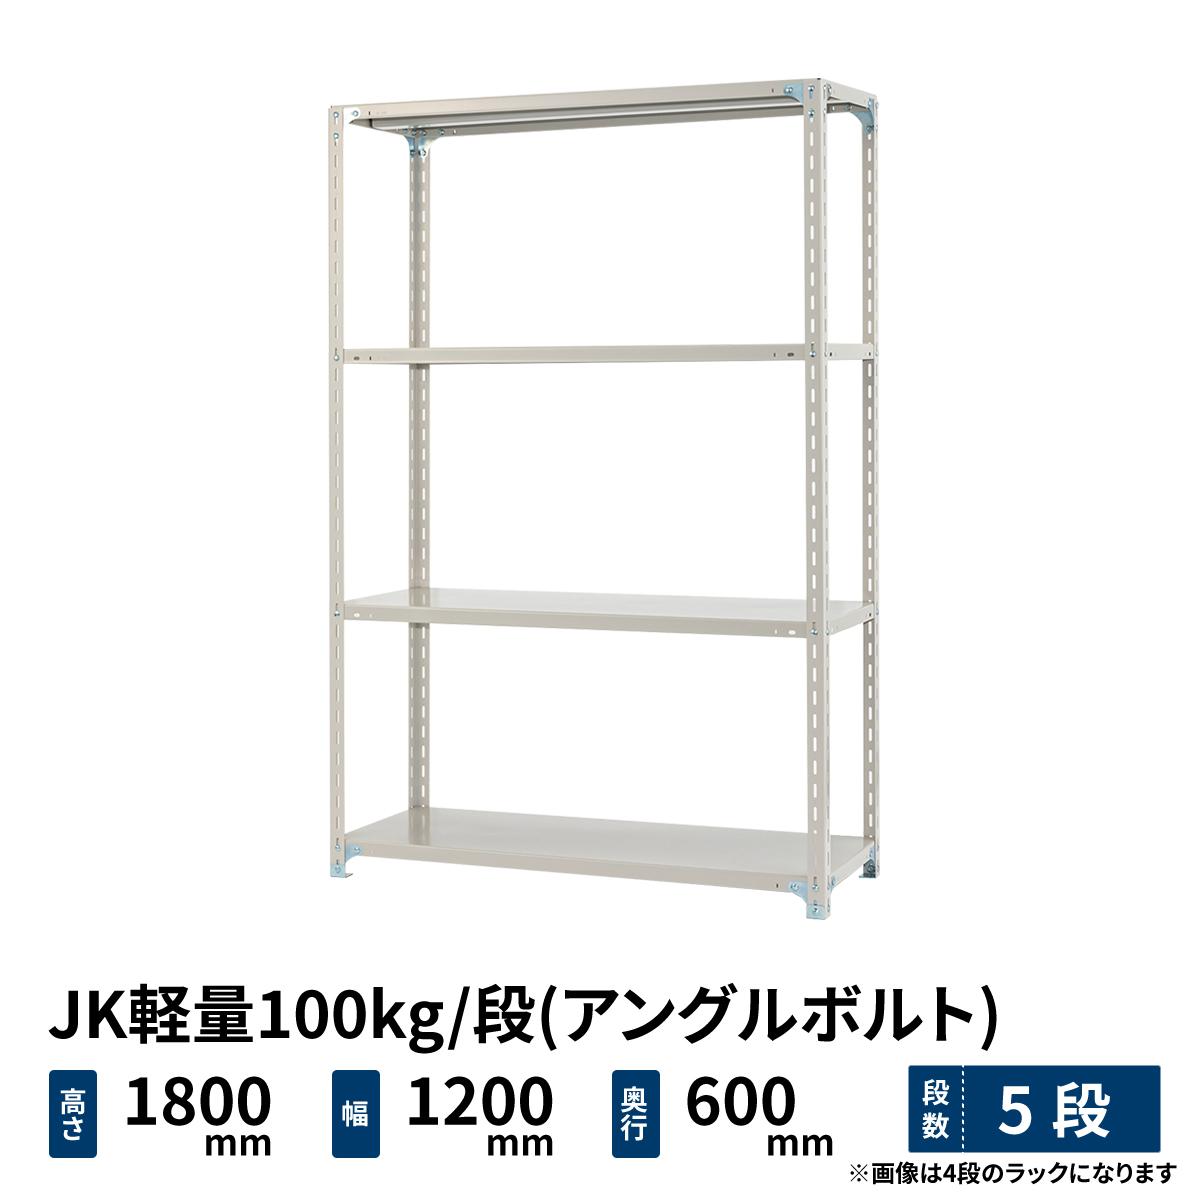 スチールラック 業務用 JK軽量100kg/段(アングルボルト) 高さ1800×幅1200×奥行600mm 5段 ホワイトグレー (49kg) JK100BT-181206-5